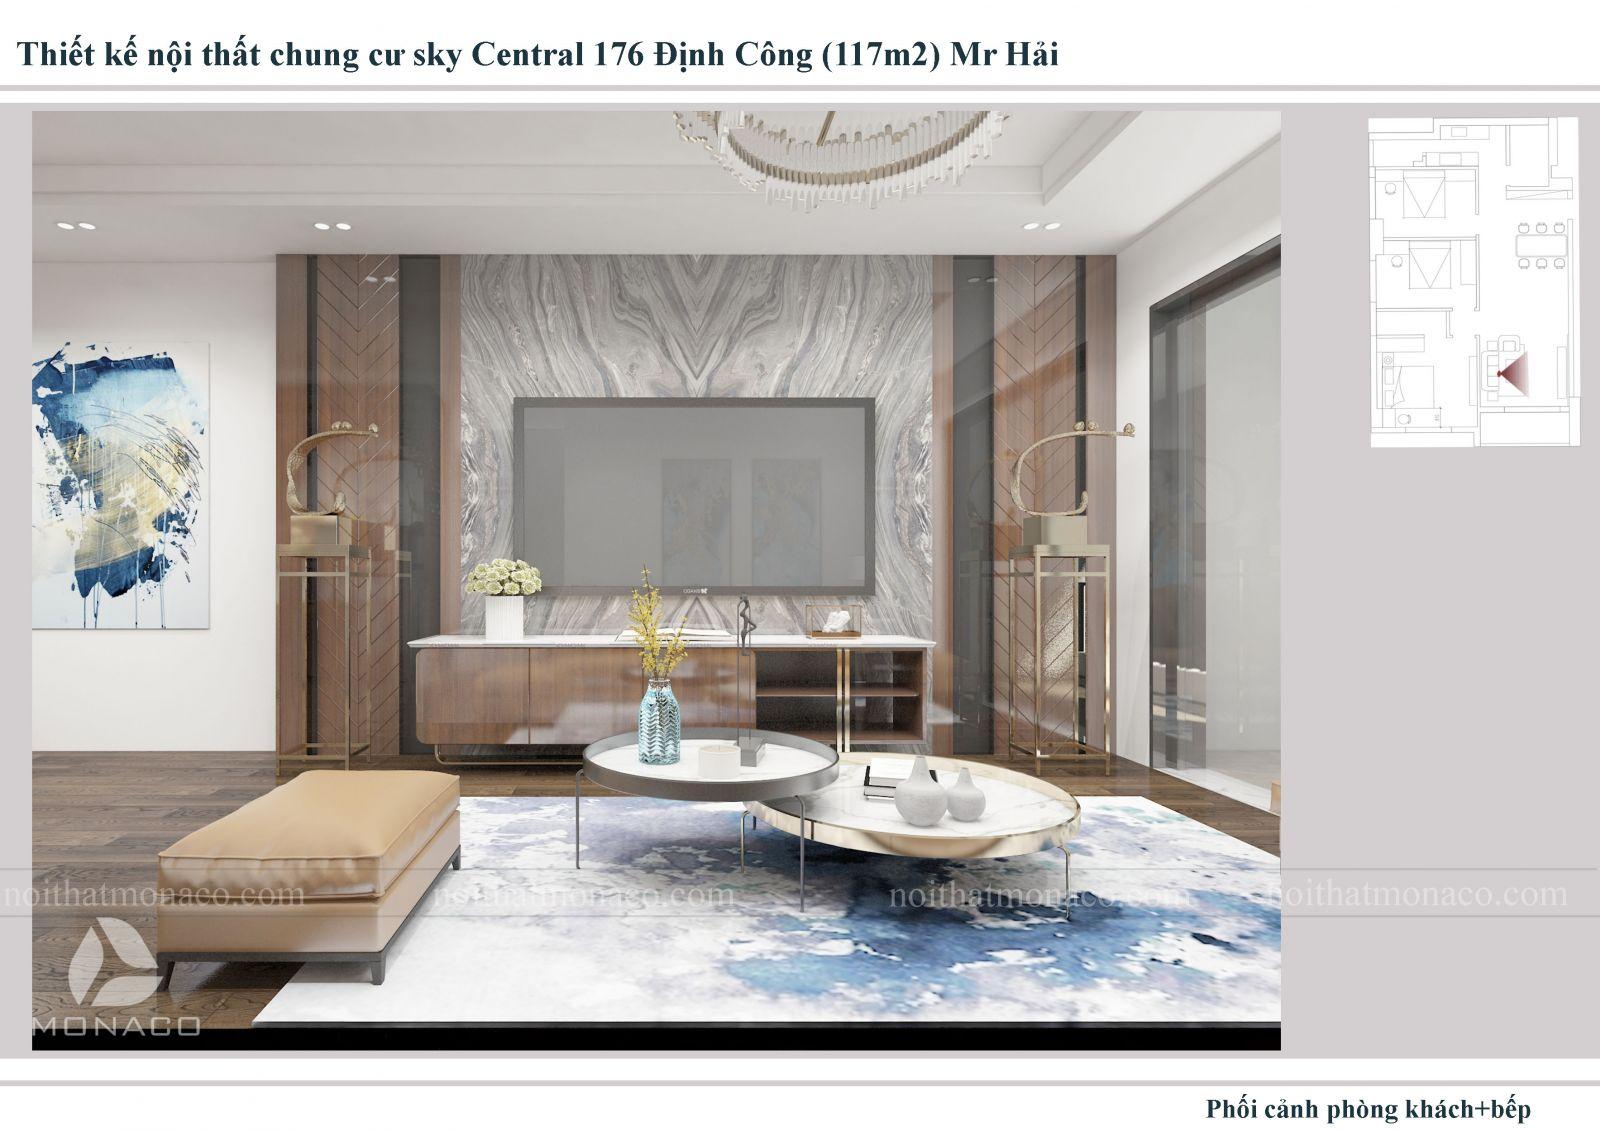 Thiết kế nội thất phòng khách chung cu sky central